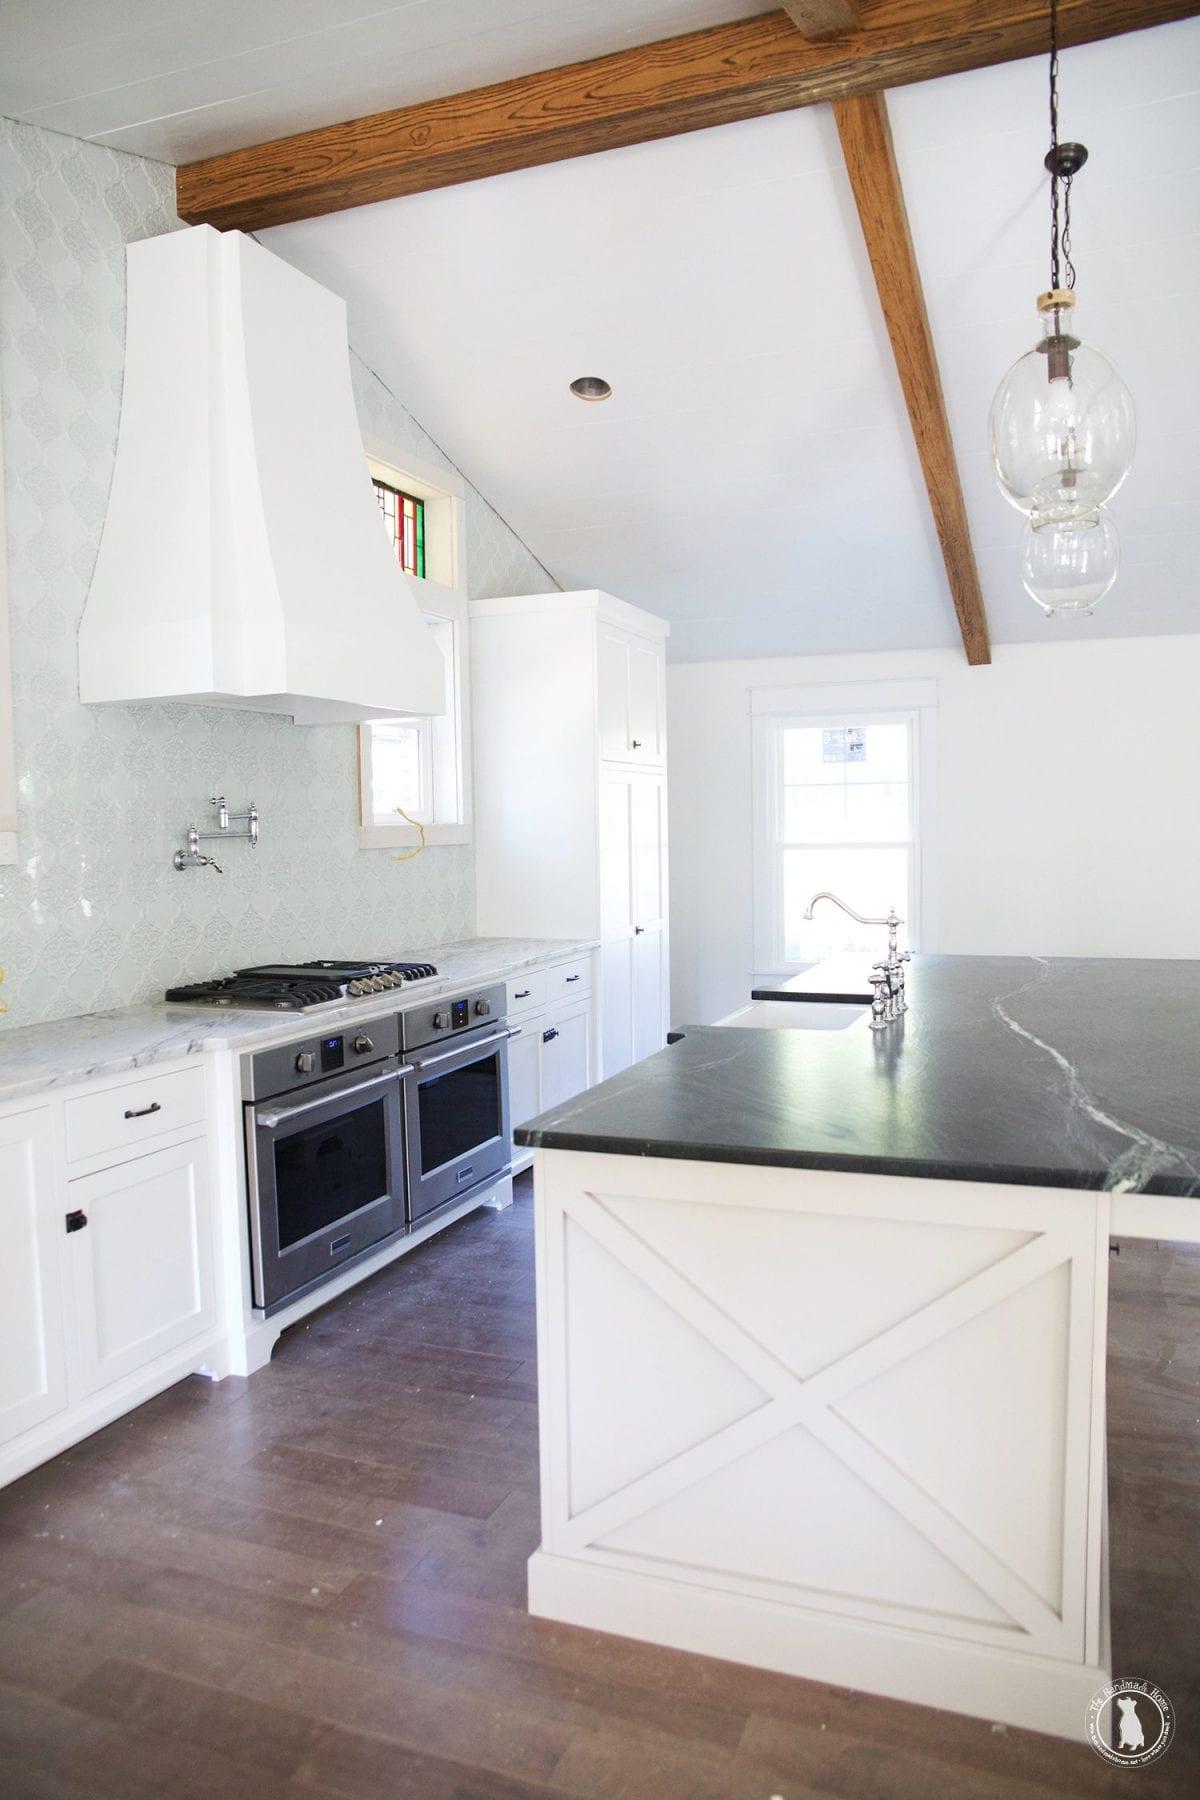 kitchenhood